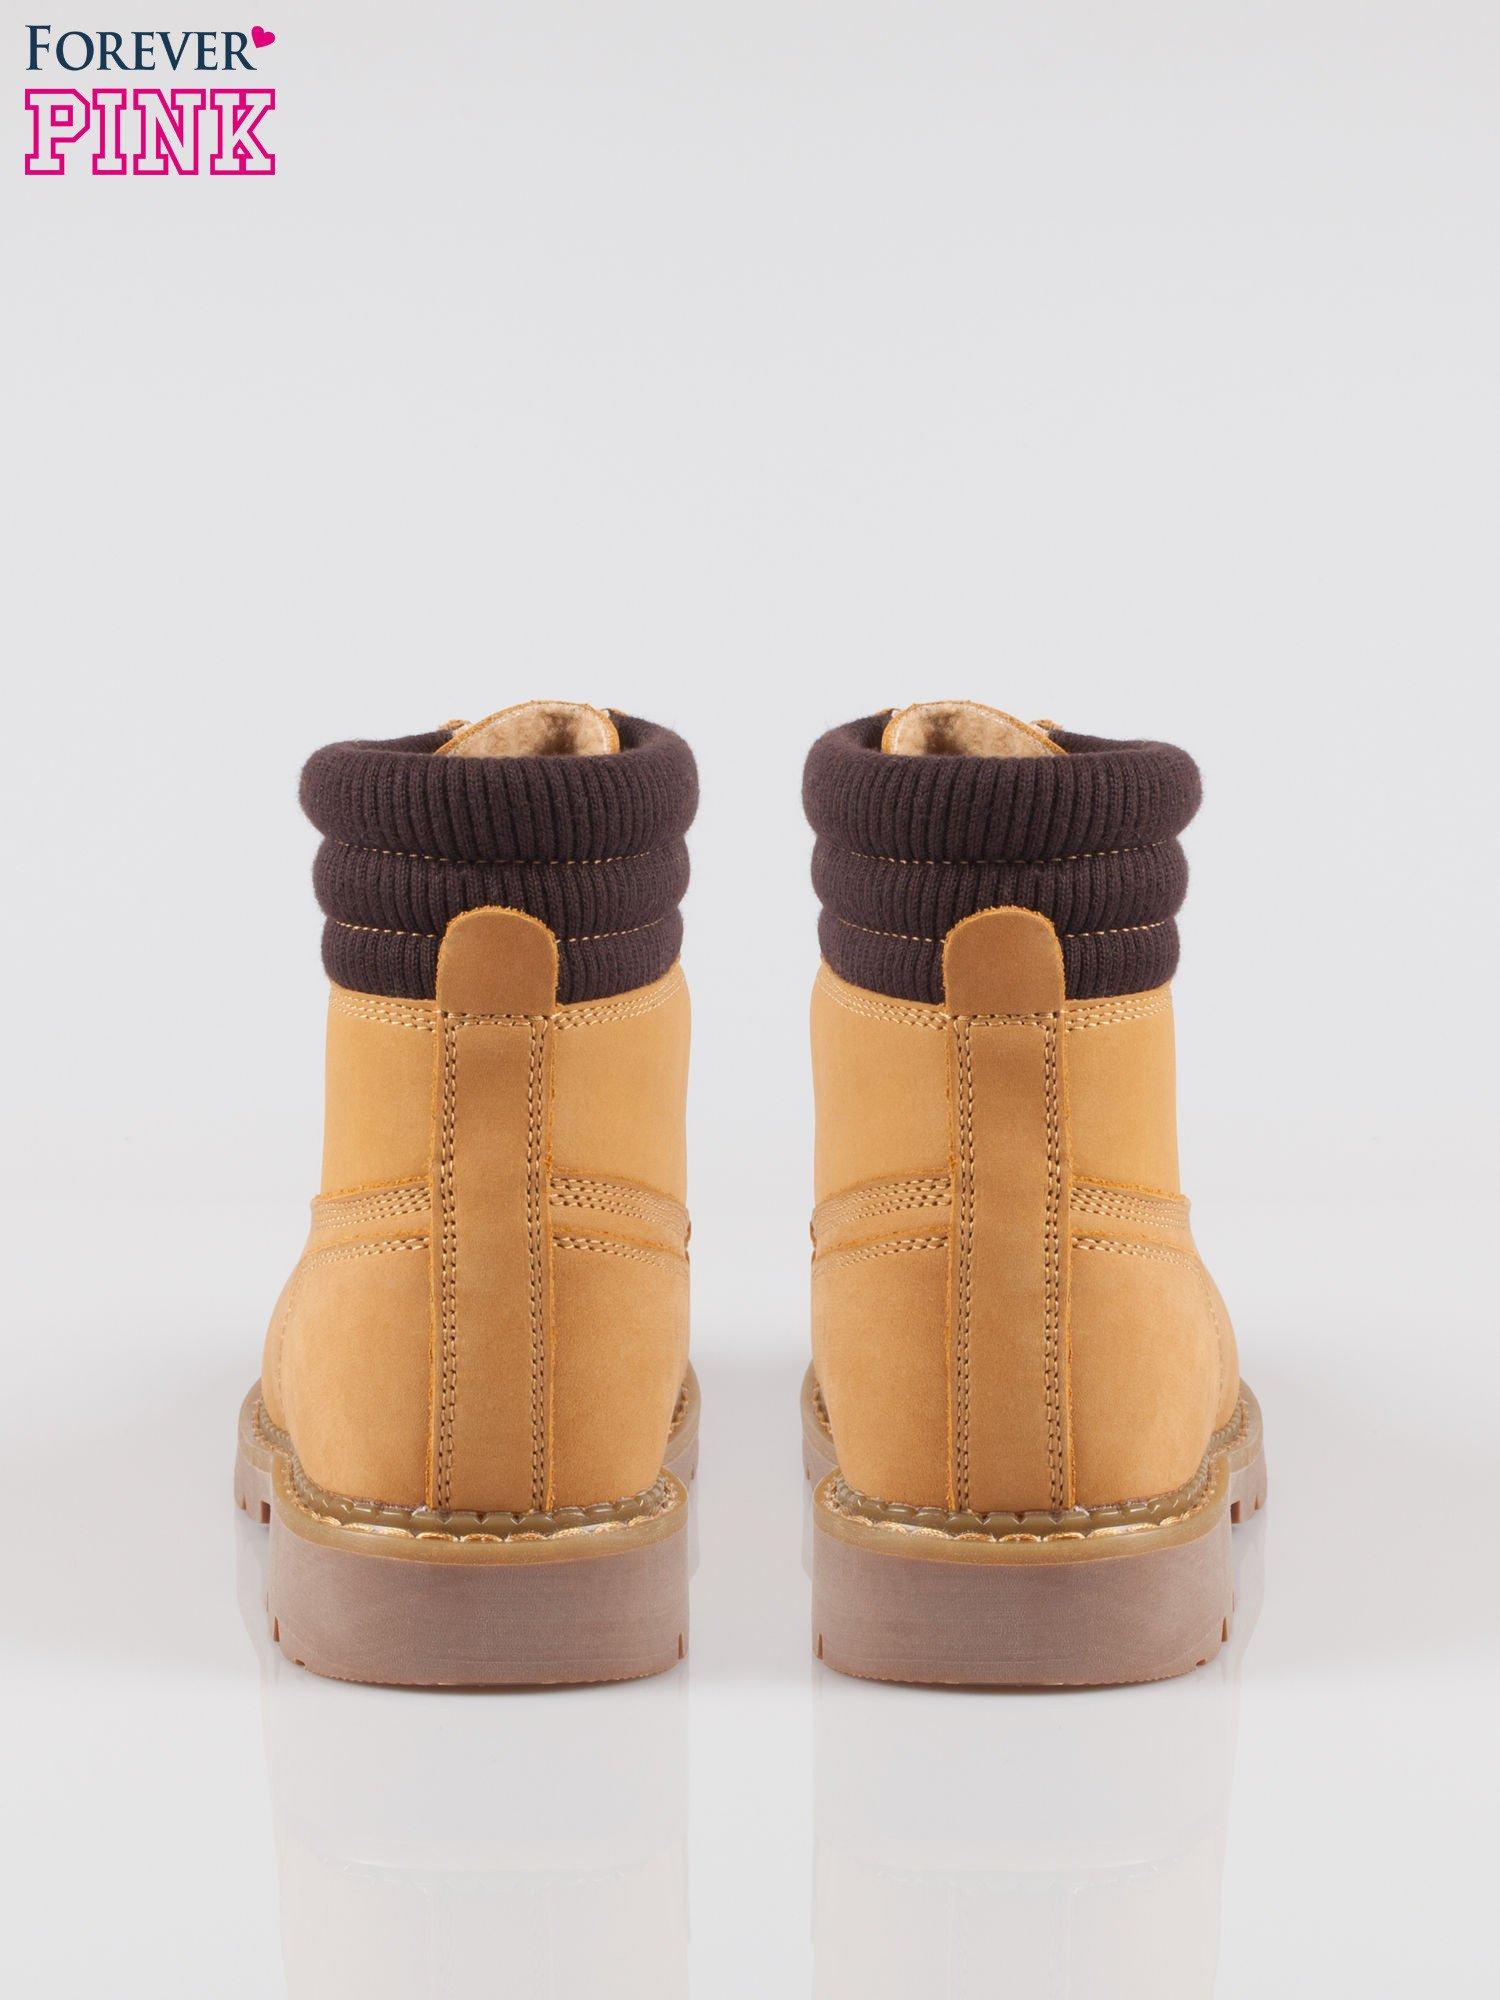 Camelowe buty trekkingowe traperki damskie z elastycznym kołnierzem ze skóry naturalnej                                  zdj.                                  3